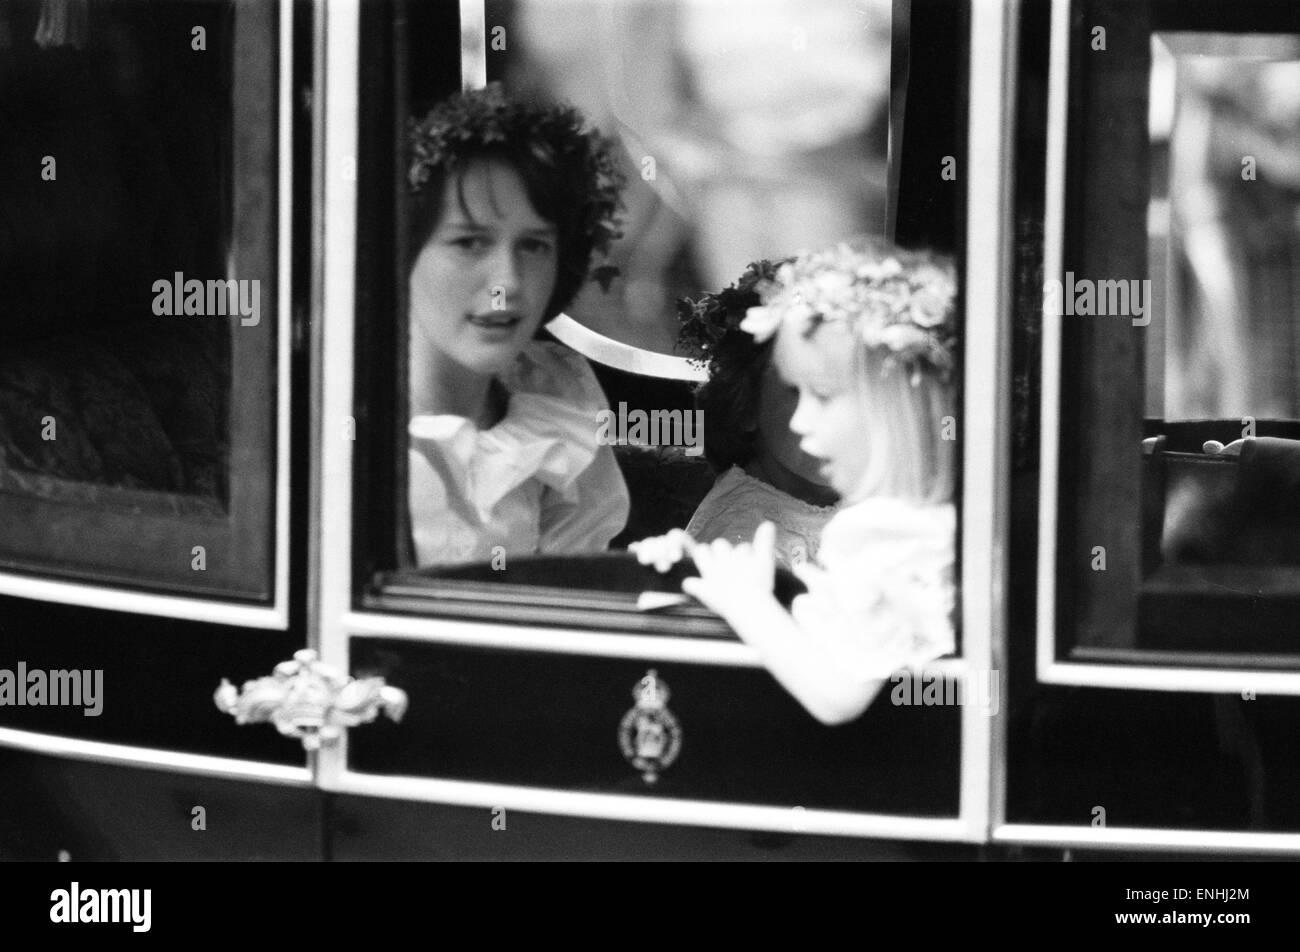 Hochzeit von Prinz Charles & Lady Diana Spencer, 29. Juli 1981. Im Bild: Bridal Begleiter in königliche Prozession, Indien Hicks (13 Jahre) & Clementine Hambro (5 Jahre). Stockfoto